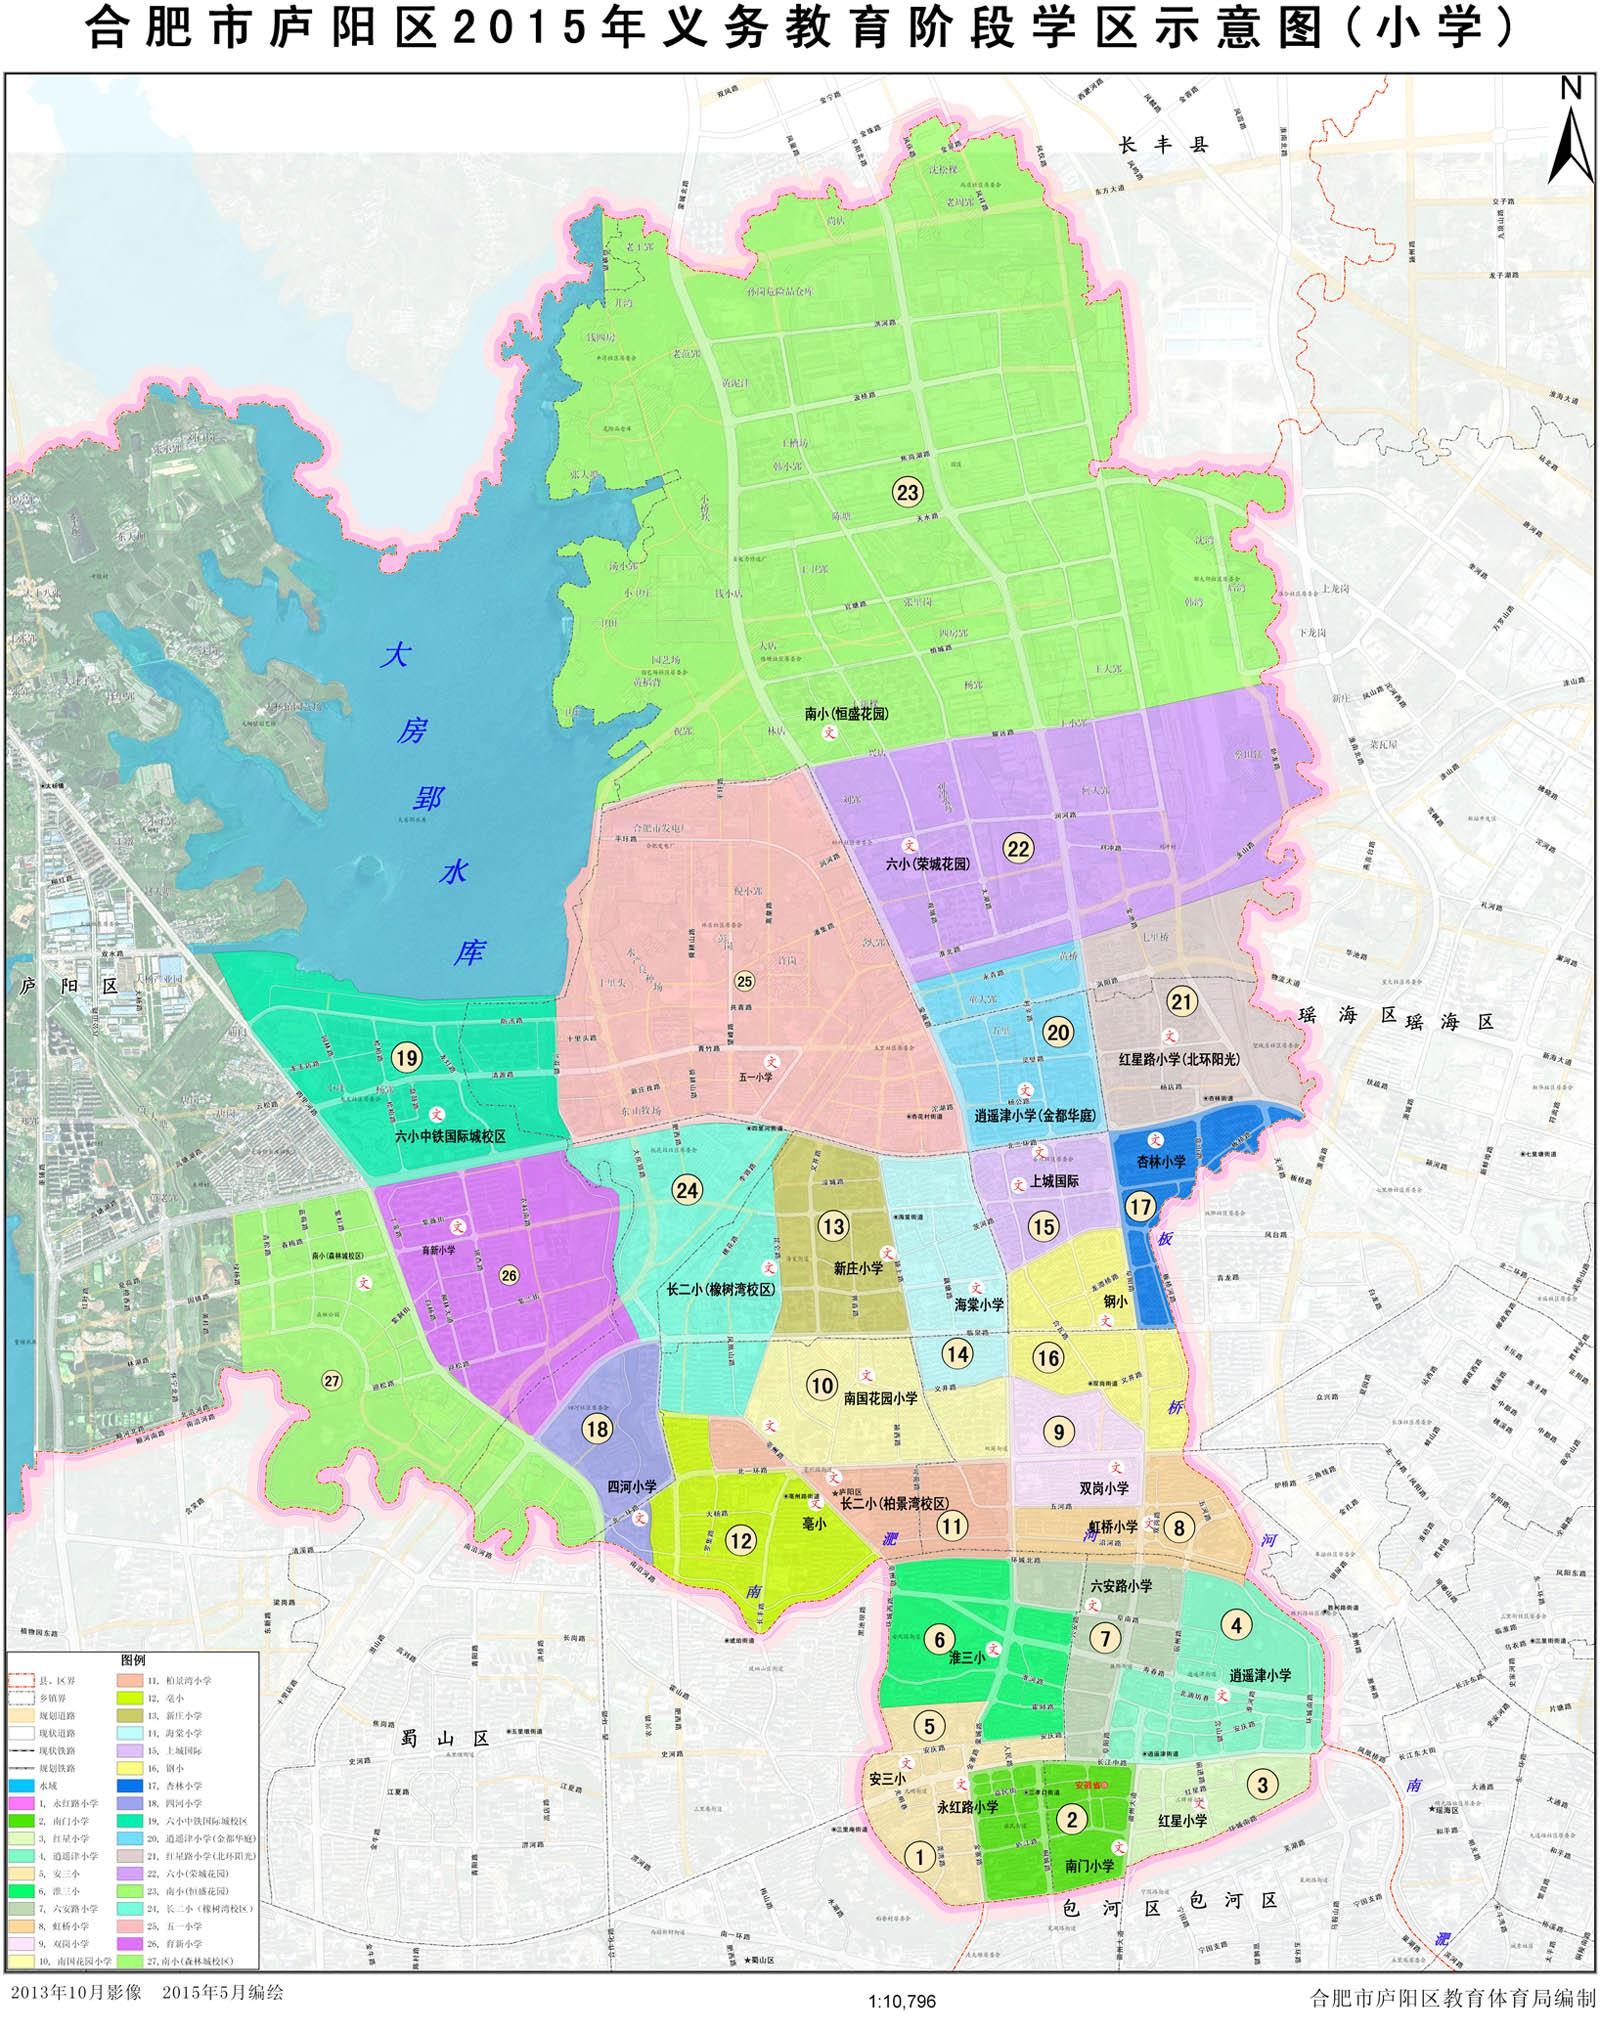 今年合肥市区义务教育阶段学区划分新鲜出炉(图)